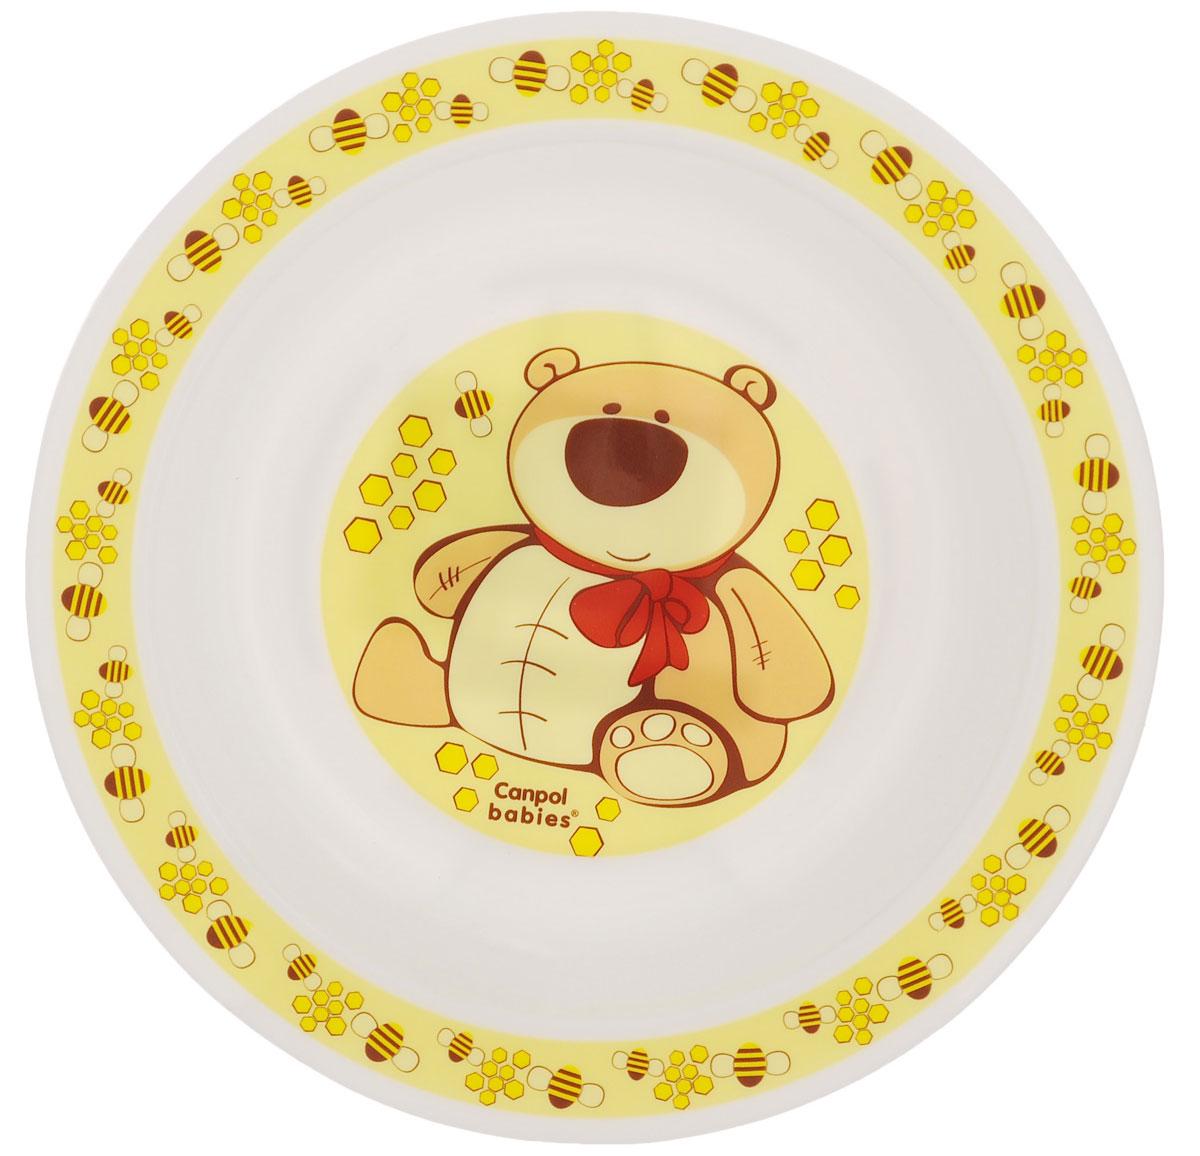 Canpol Babies Тарелка для кормления Мишка115510Детская глубокая тарелка Canpol Babies Мишка идеально подойдет для кормления малыша и самостоятельного приема им пищи.Тарелочка выполнена из высококачественного полипропилена, дно оформлено изображением забавного мишки.